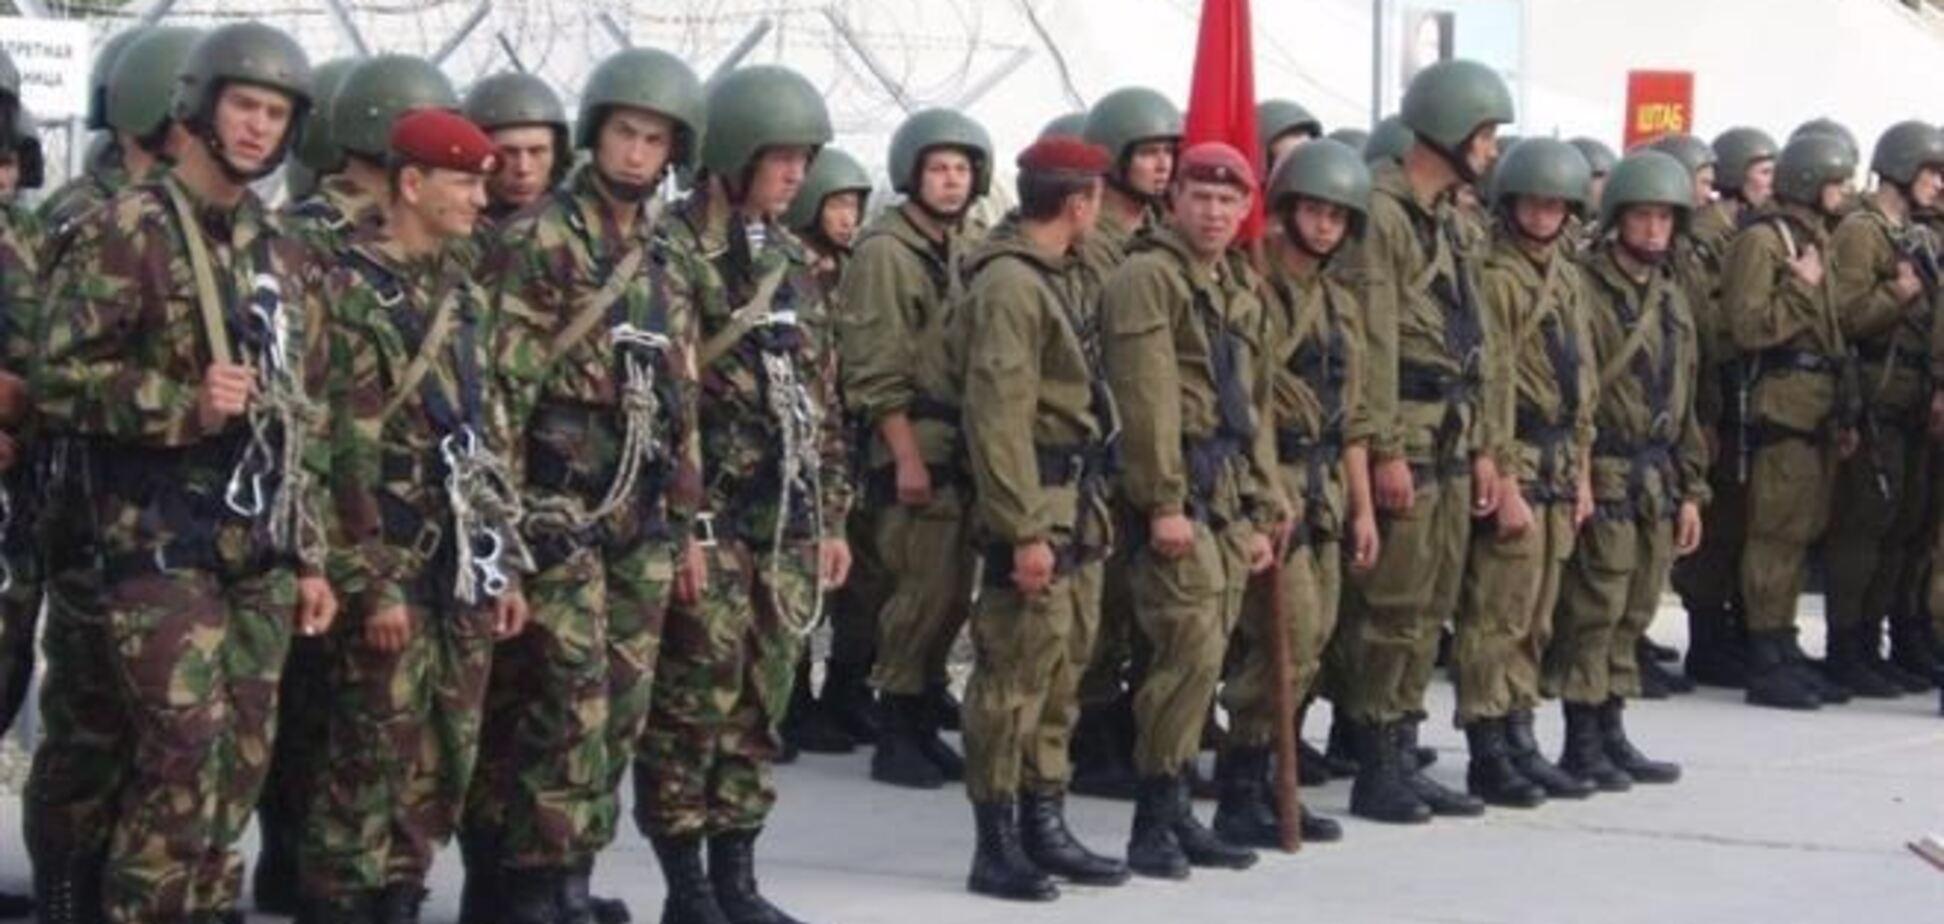 Минобороны РФ: войска усиливают полевые занятия в четырех регионах